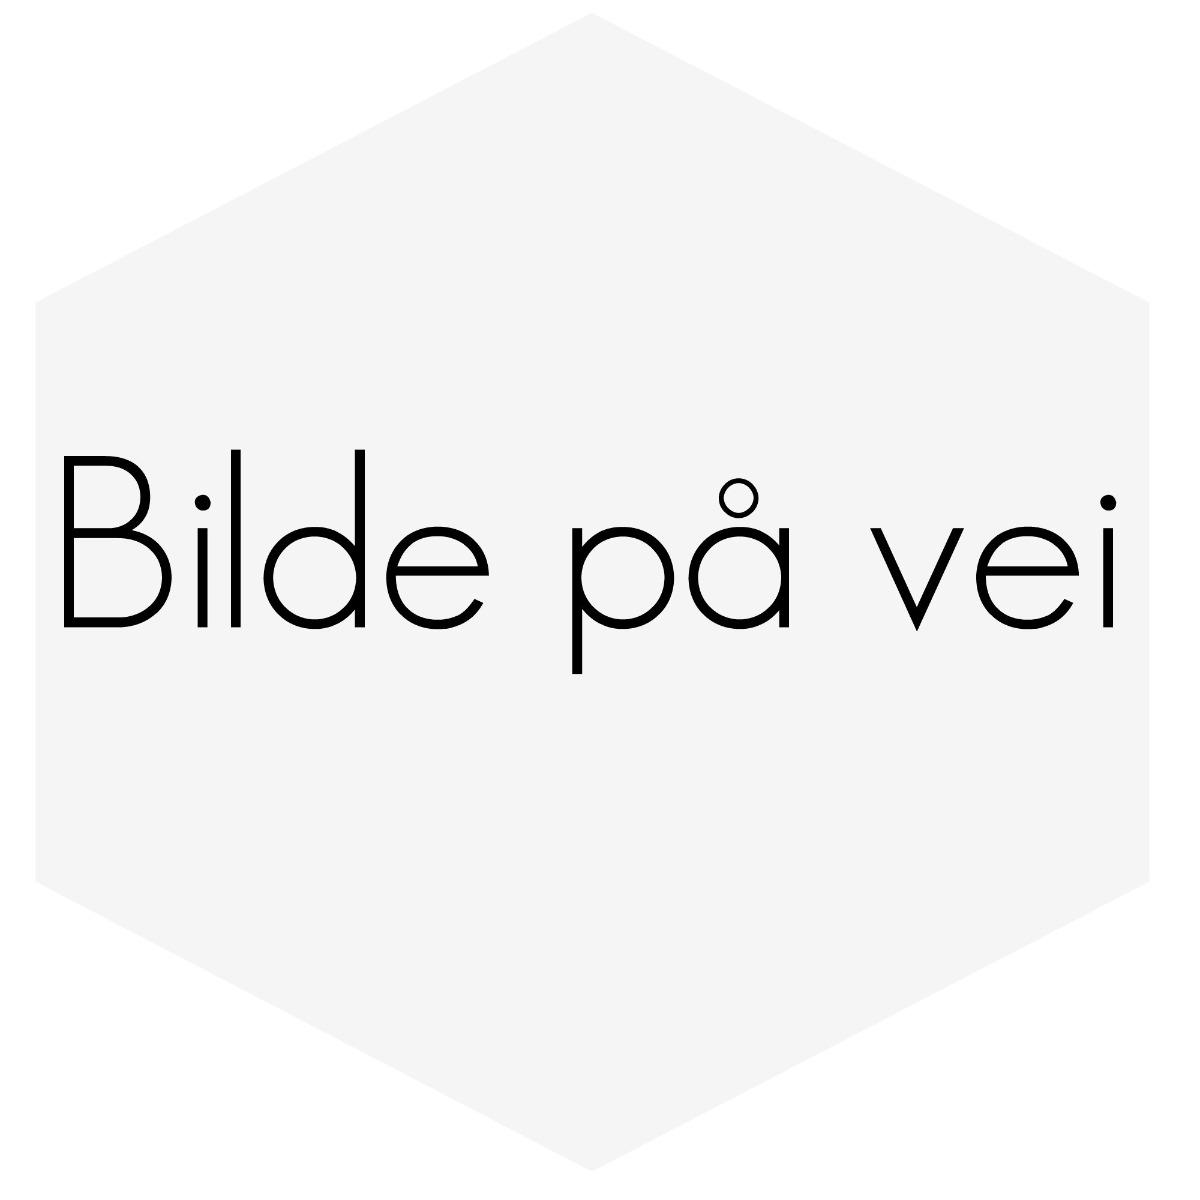 RELLE INNSPRUT 850/C/S/V70 >>00  RØD TYPE  9434225